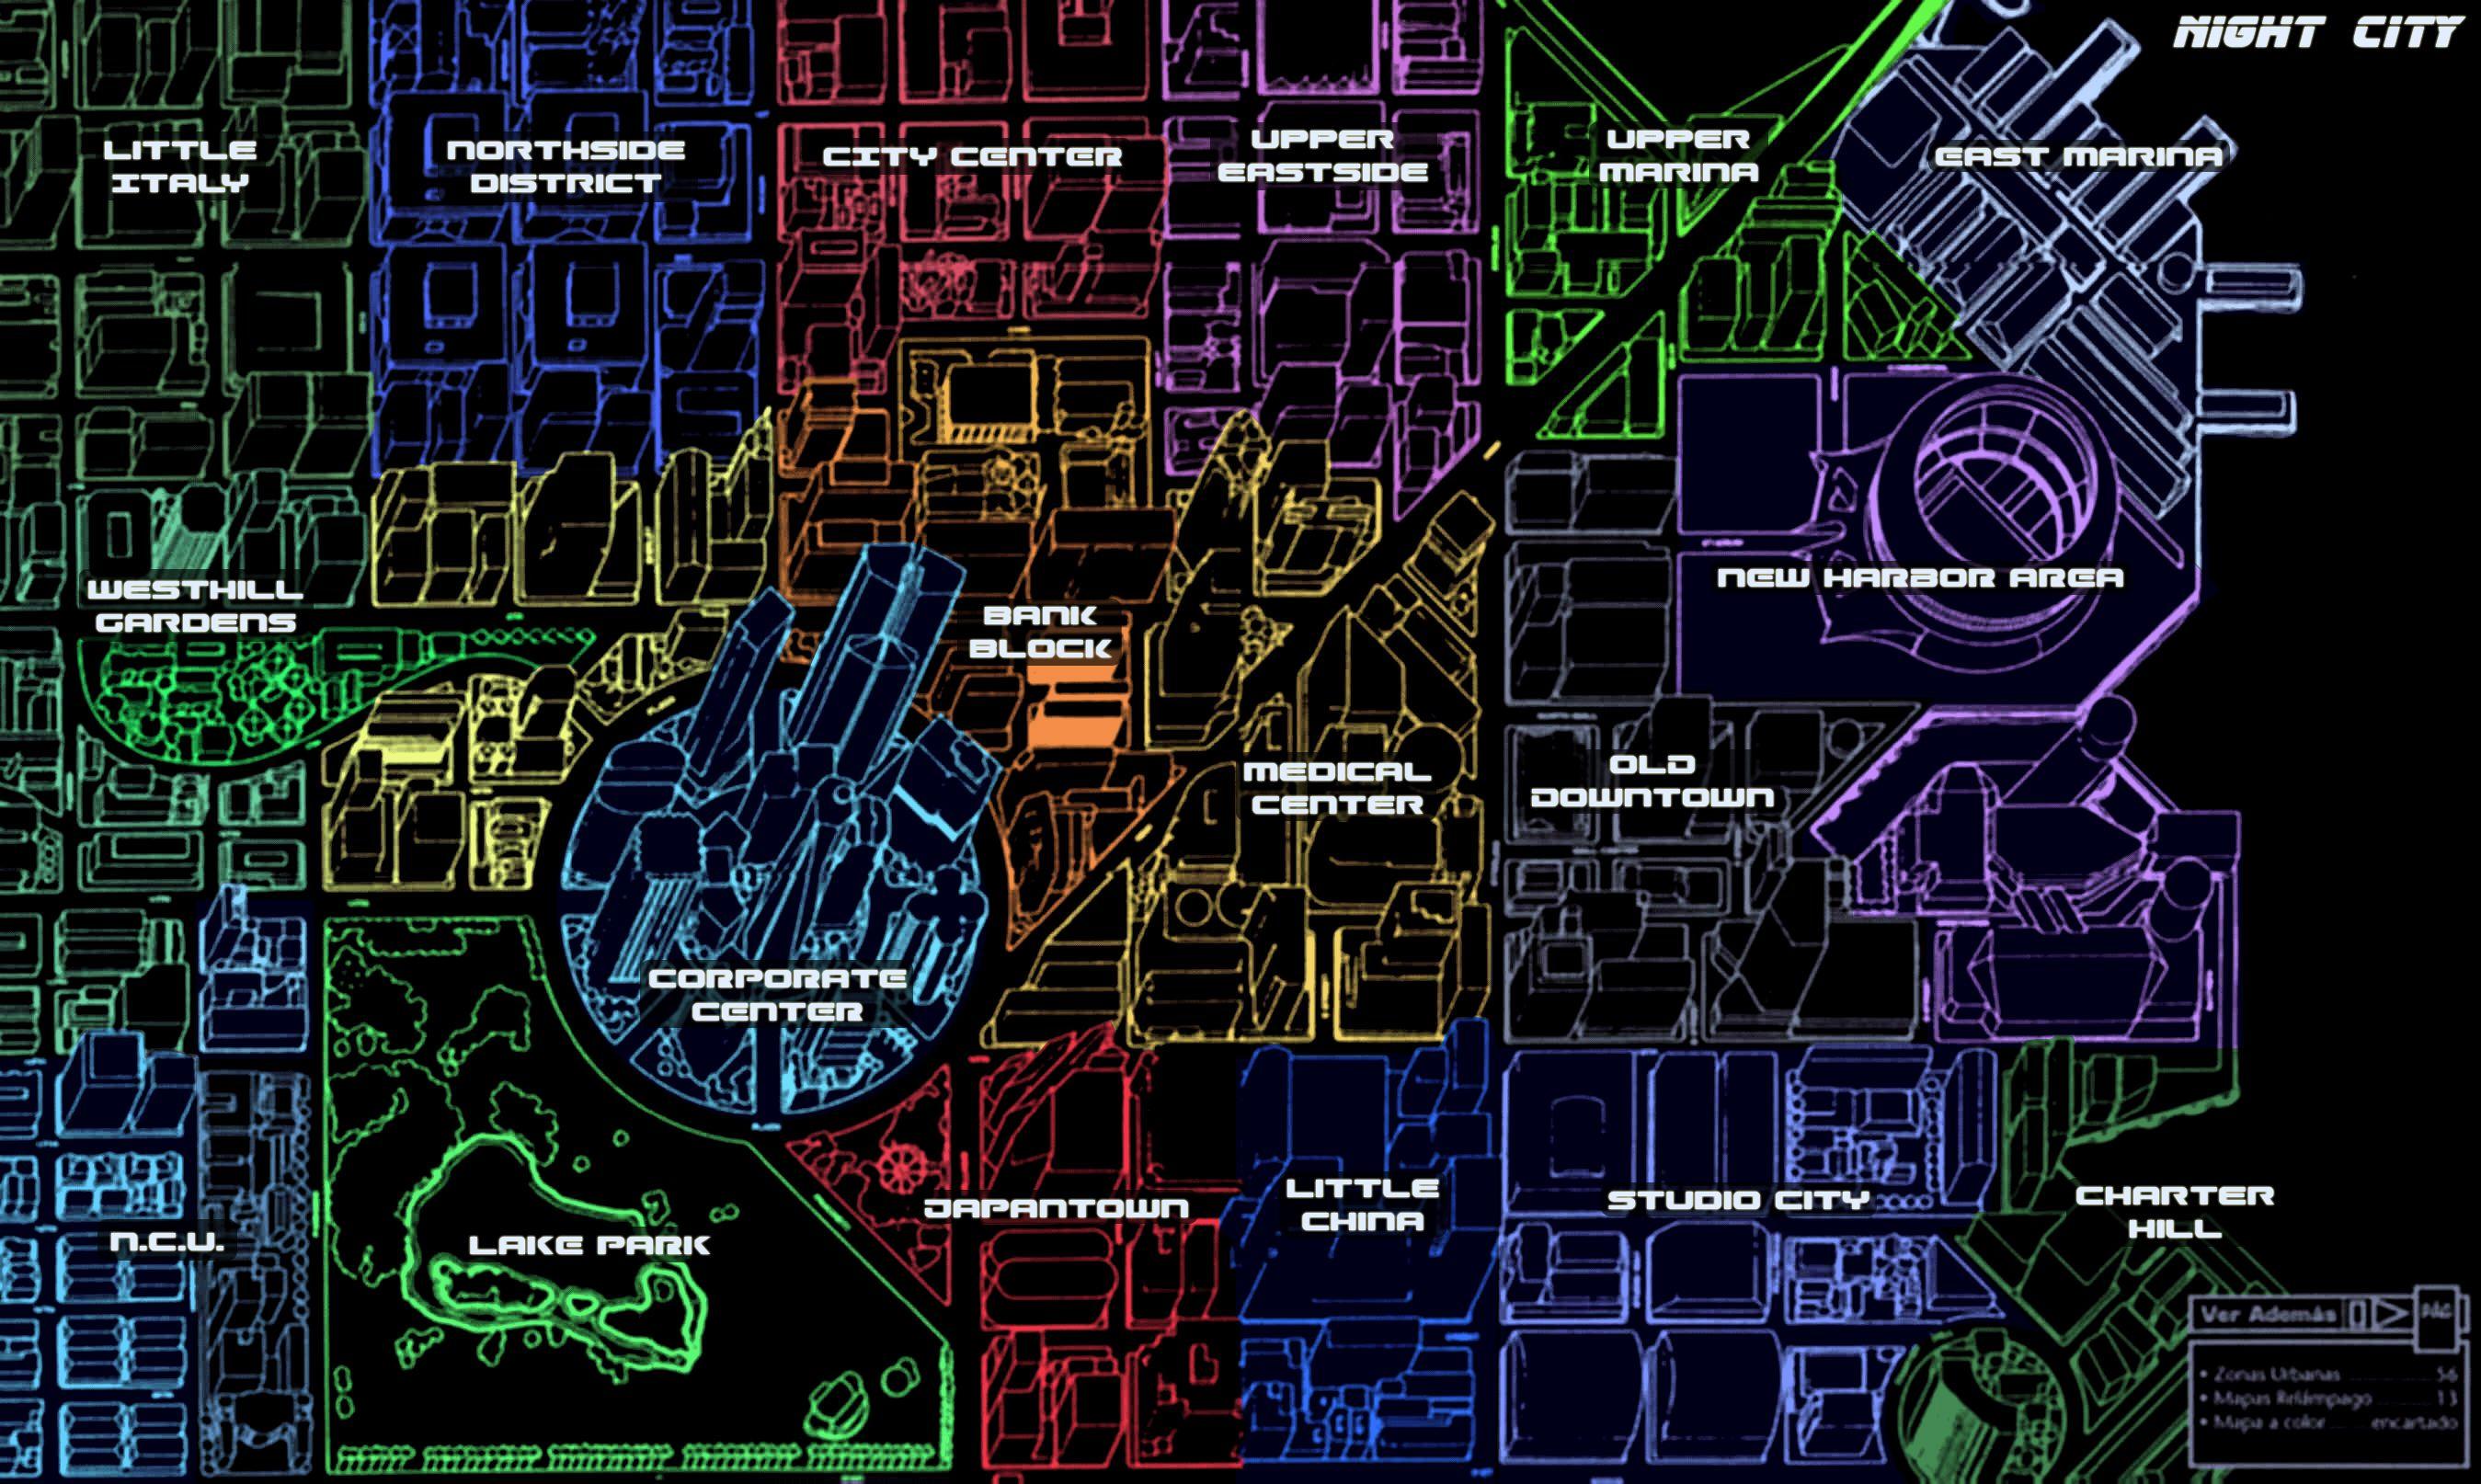 Blade Runner Map Google Search Salas Pinterest Cyberpunk - Run planner google maps